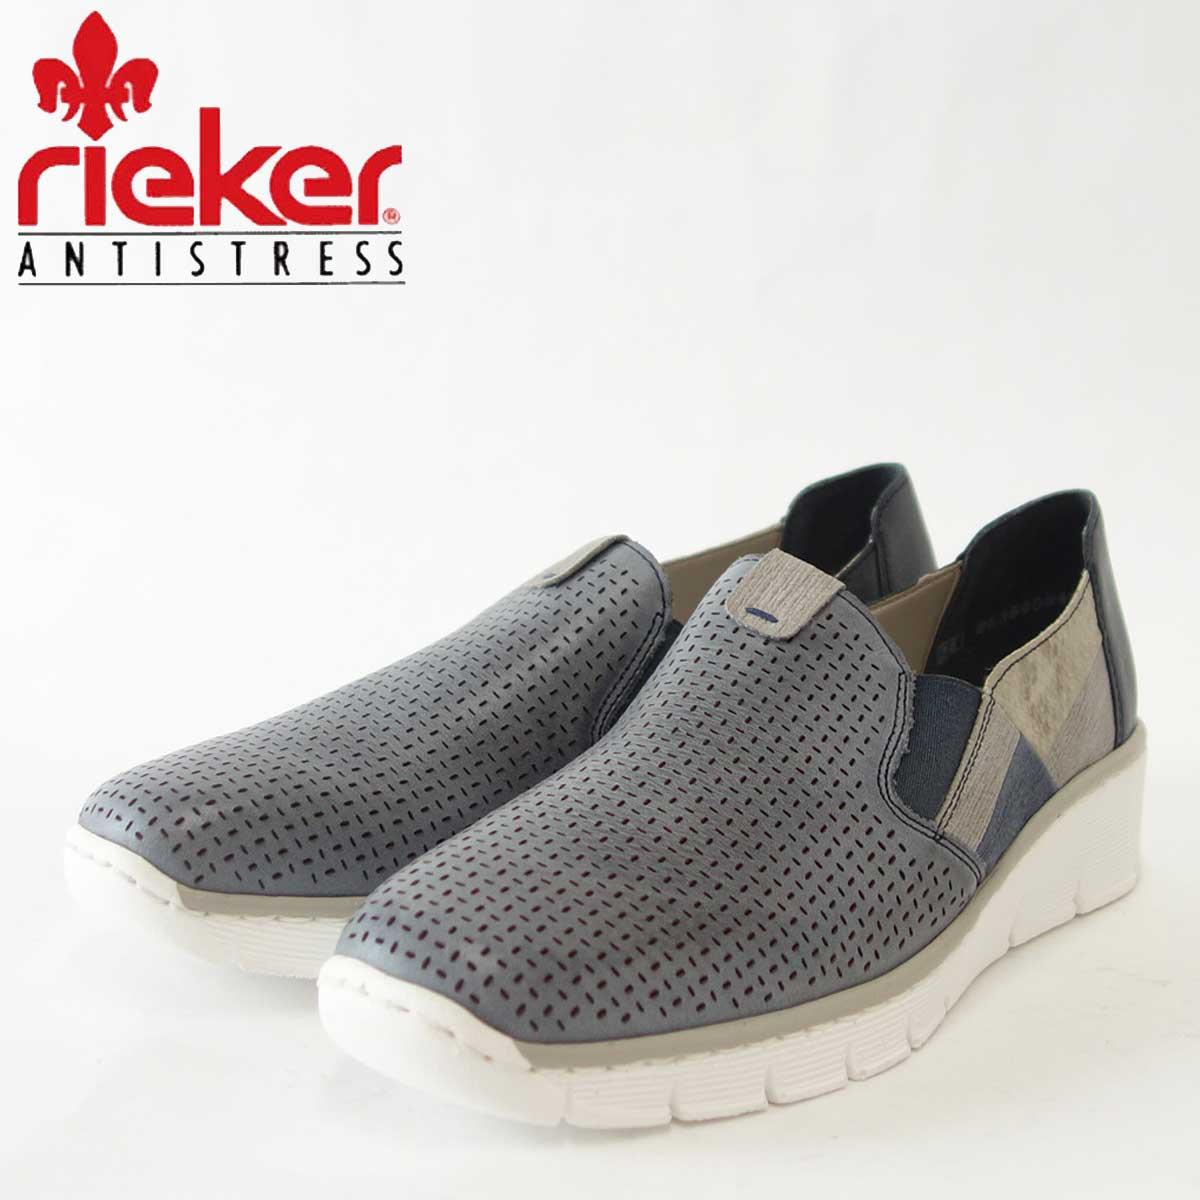 rieker リーカー 53757 12 ブルーコンビ上質レザーのスリッポンシューズ「靴」